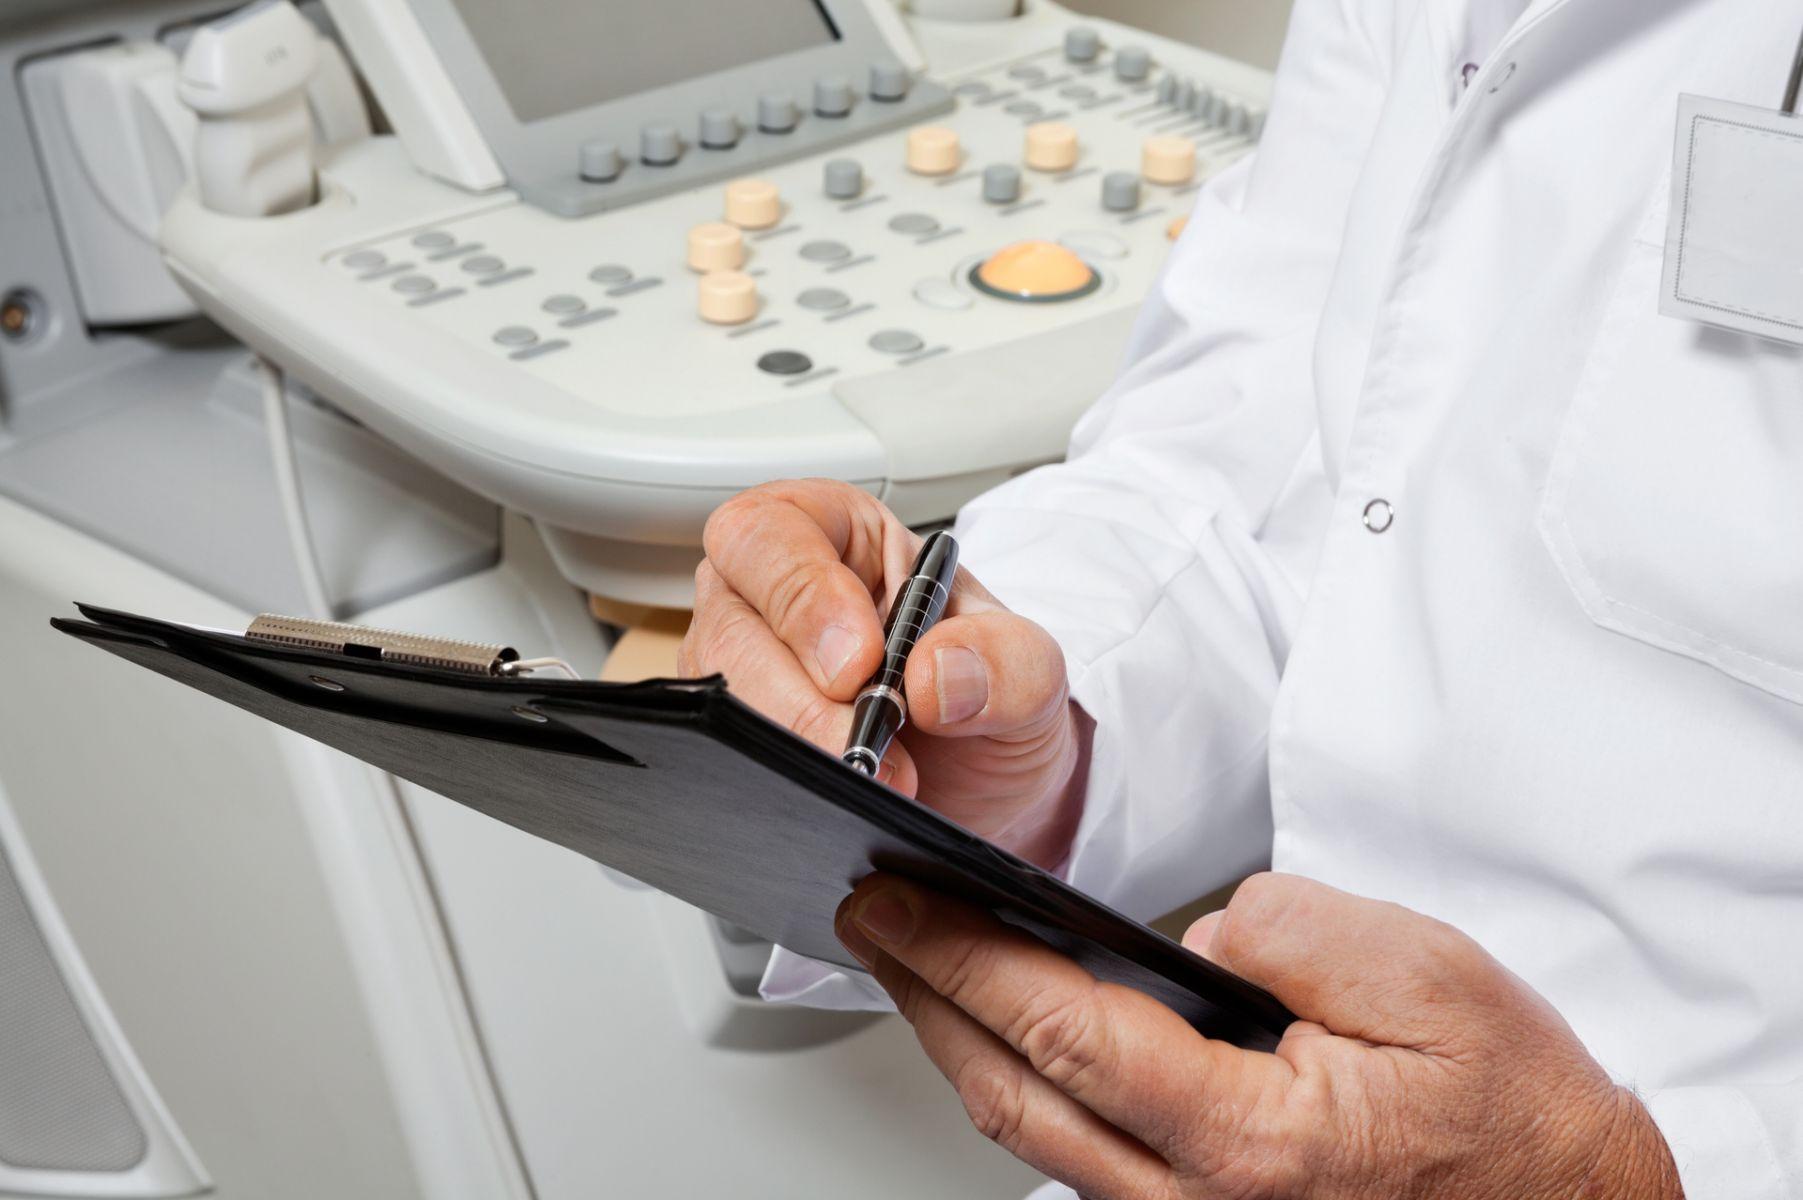 這四種癌症 可利用篩檢工具早期發現